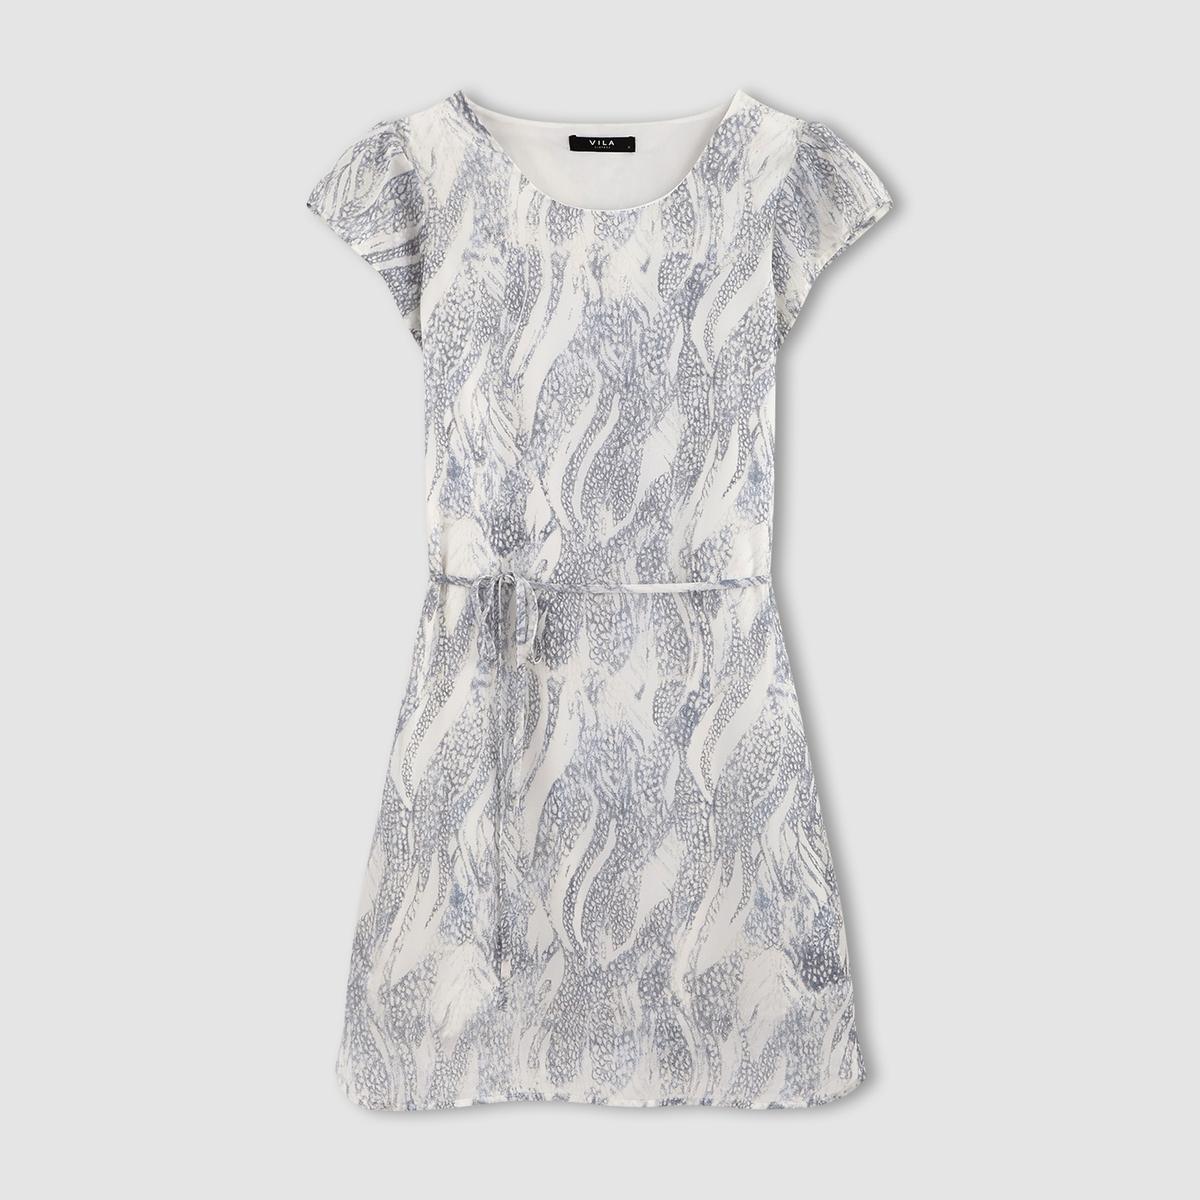 Платье с короткими рукавами VIREPTILE S/S DRESSСостав и описаниеМатериал: 100% полиэстер.Марка: VILA.УходМашинная стирка при 30°C с вещами подобных цветов.Стирка и глажка с изнаночной стороны.<br><br>Цвет: синий<br>Размер: L